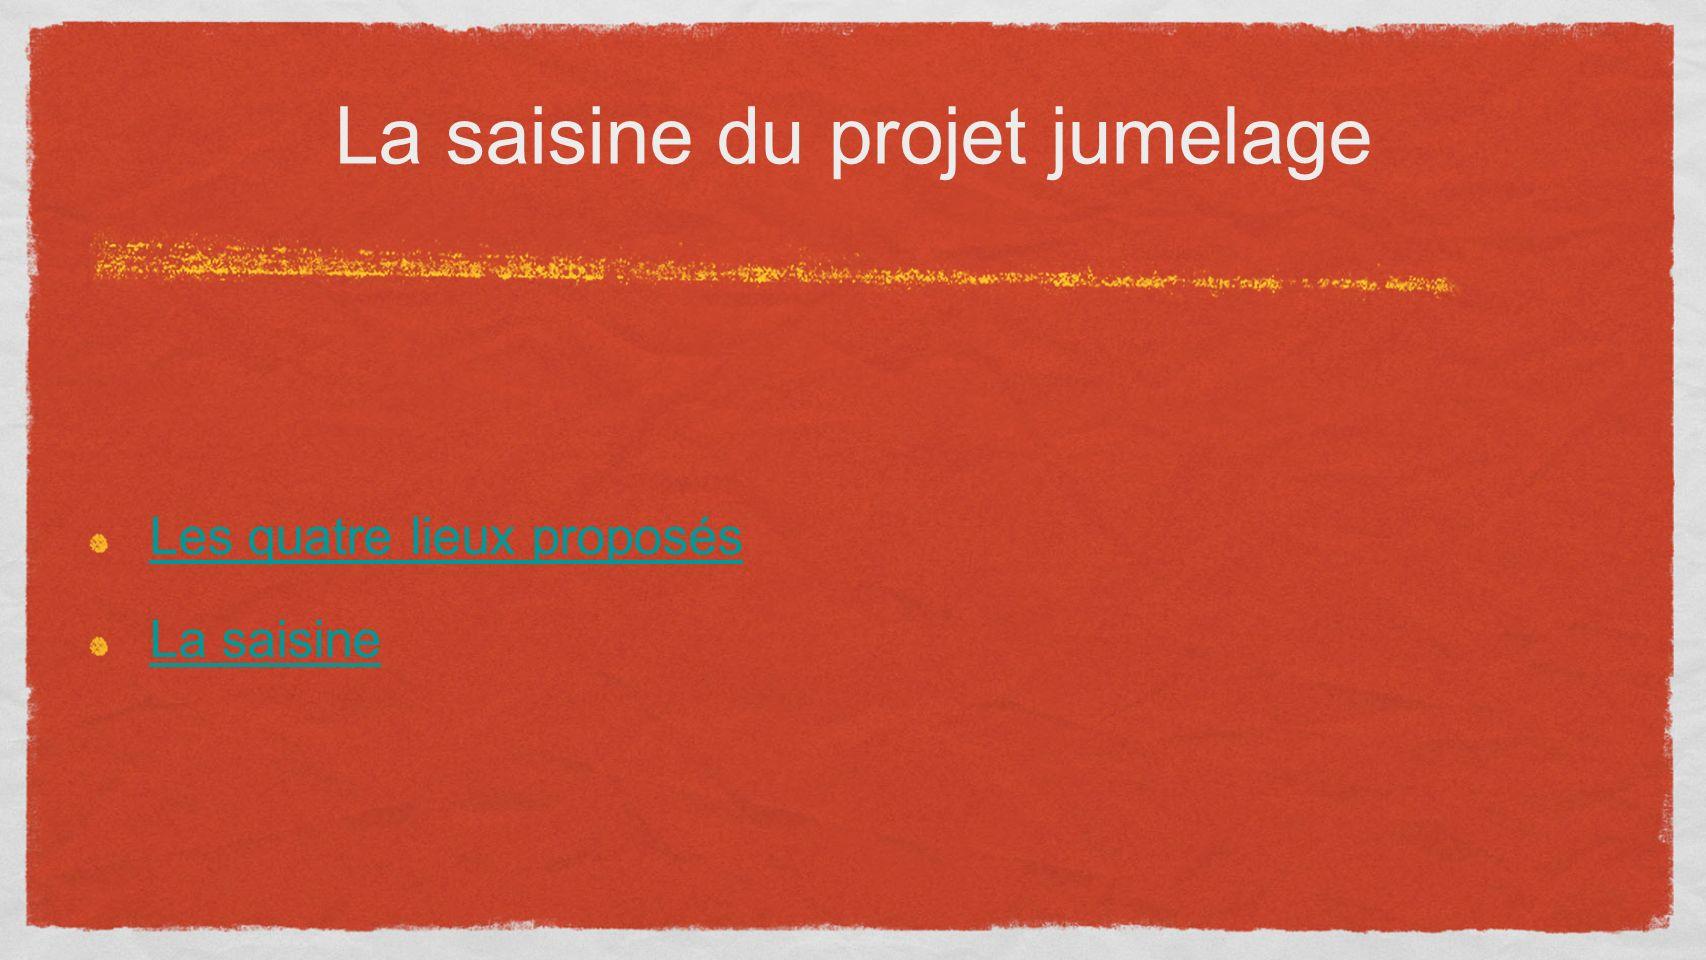 Les quatre lieux proposés La saisine La saisine du projet jumelage